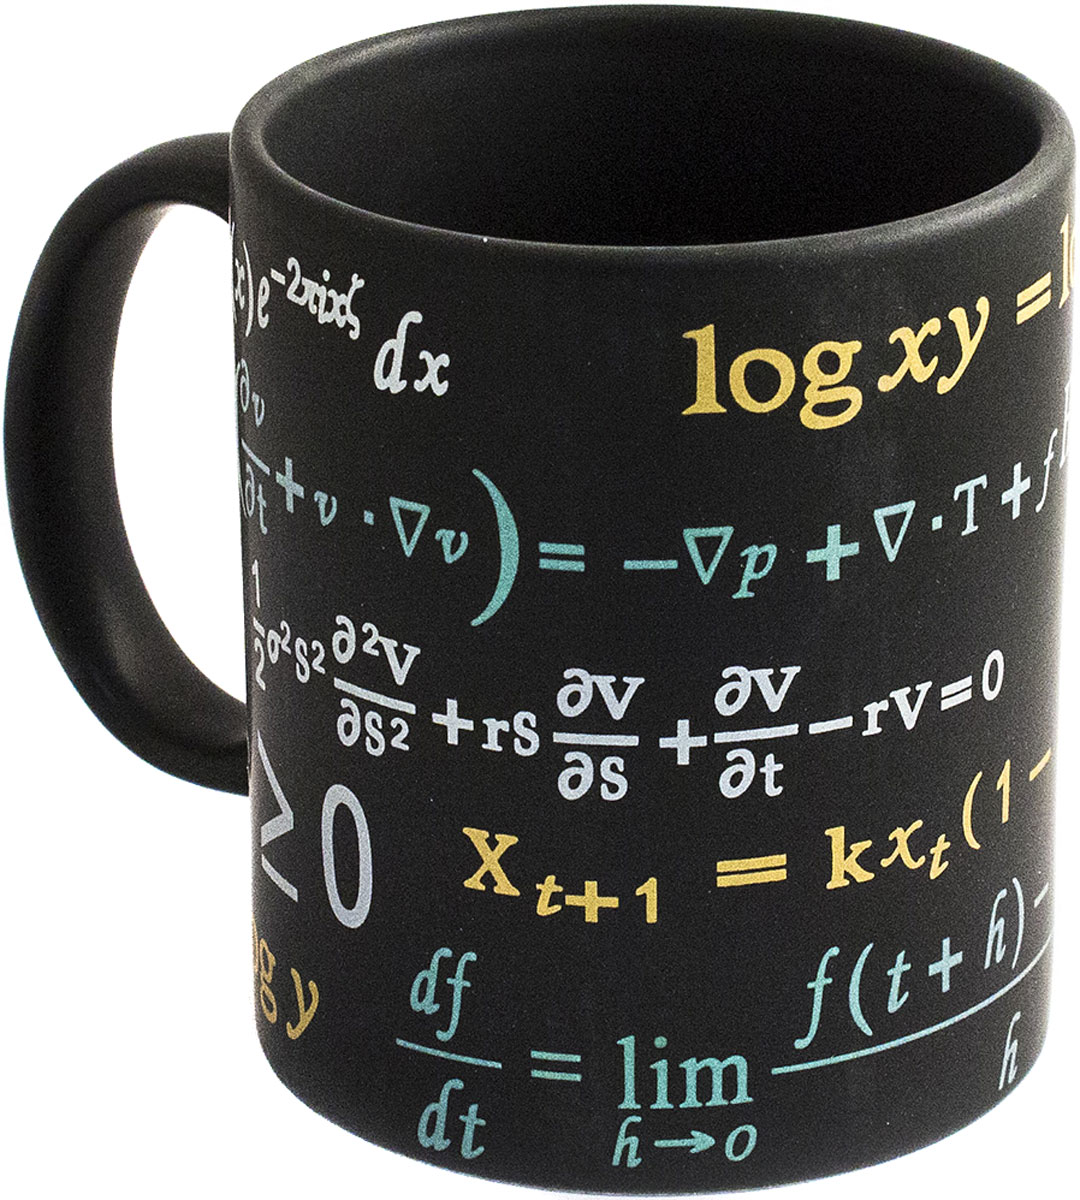 Кружка Эврика Формула Успеха, цвет: черный, 300 мл. 9848798487Кружка для тех, кто не чужд математики и не боится встречаться с формулами каждый день. Забавный подарок студенту, преподавателю, школьнику – их утро может стать добрее, если формулы будут ассоциироваться с чашкой горячего бодрящего напитка.